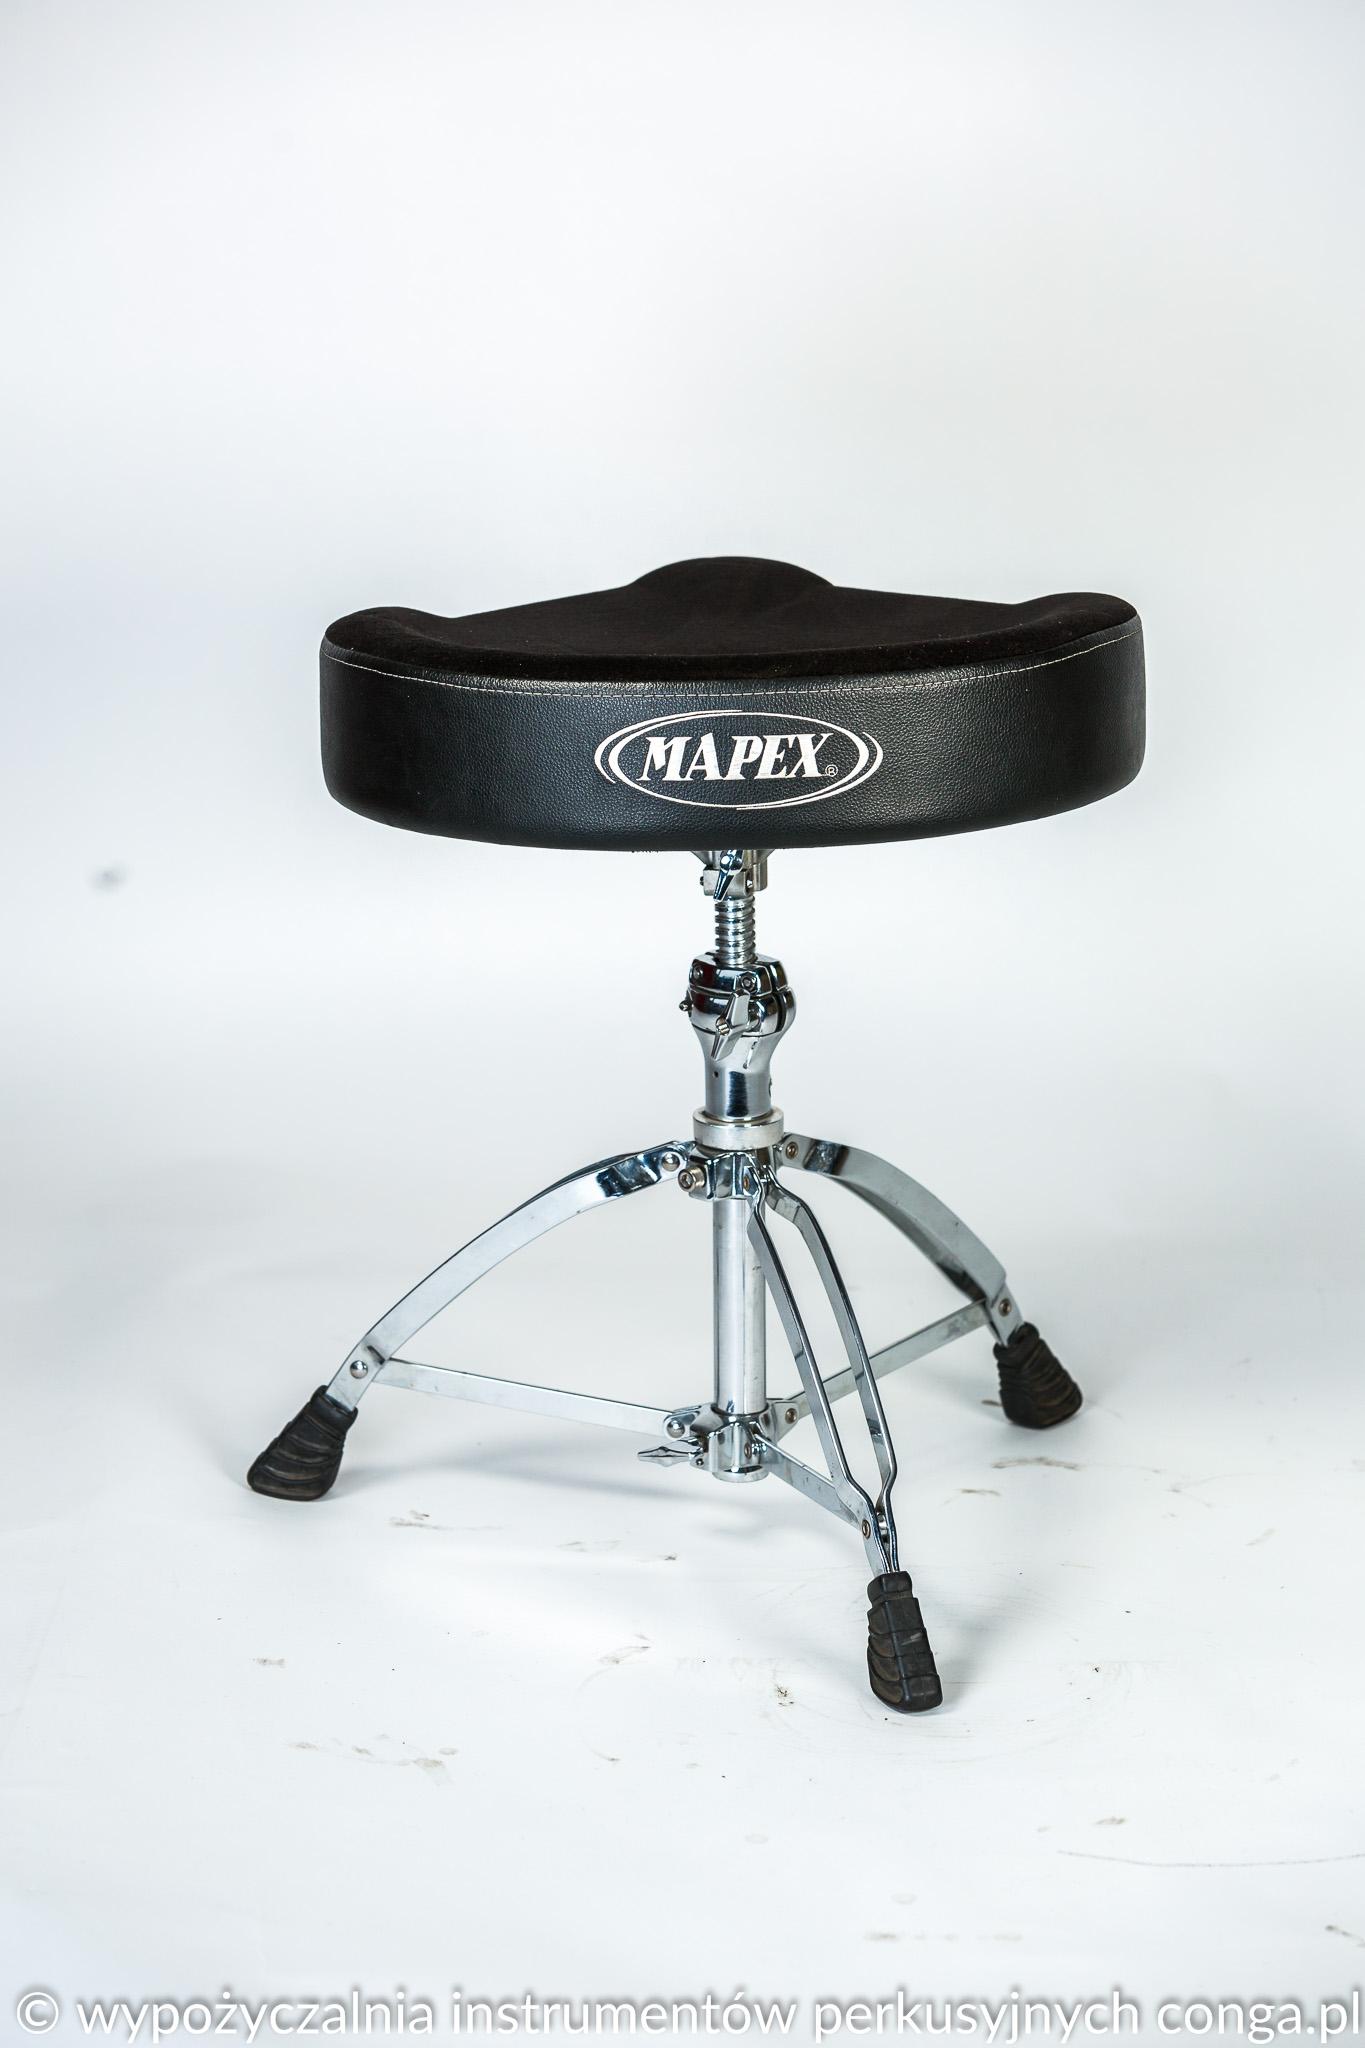 Stołek-Perkusyjny-Mapex-T-765-A-wypożyczalnia-instrumentów-perkusyjnych-congapl.CR2-0090.jpg